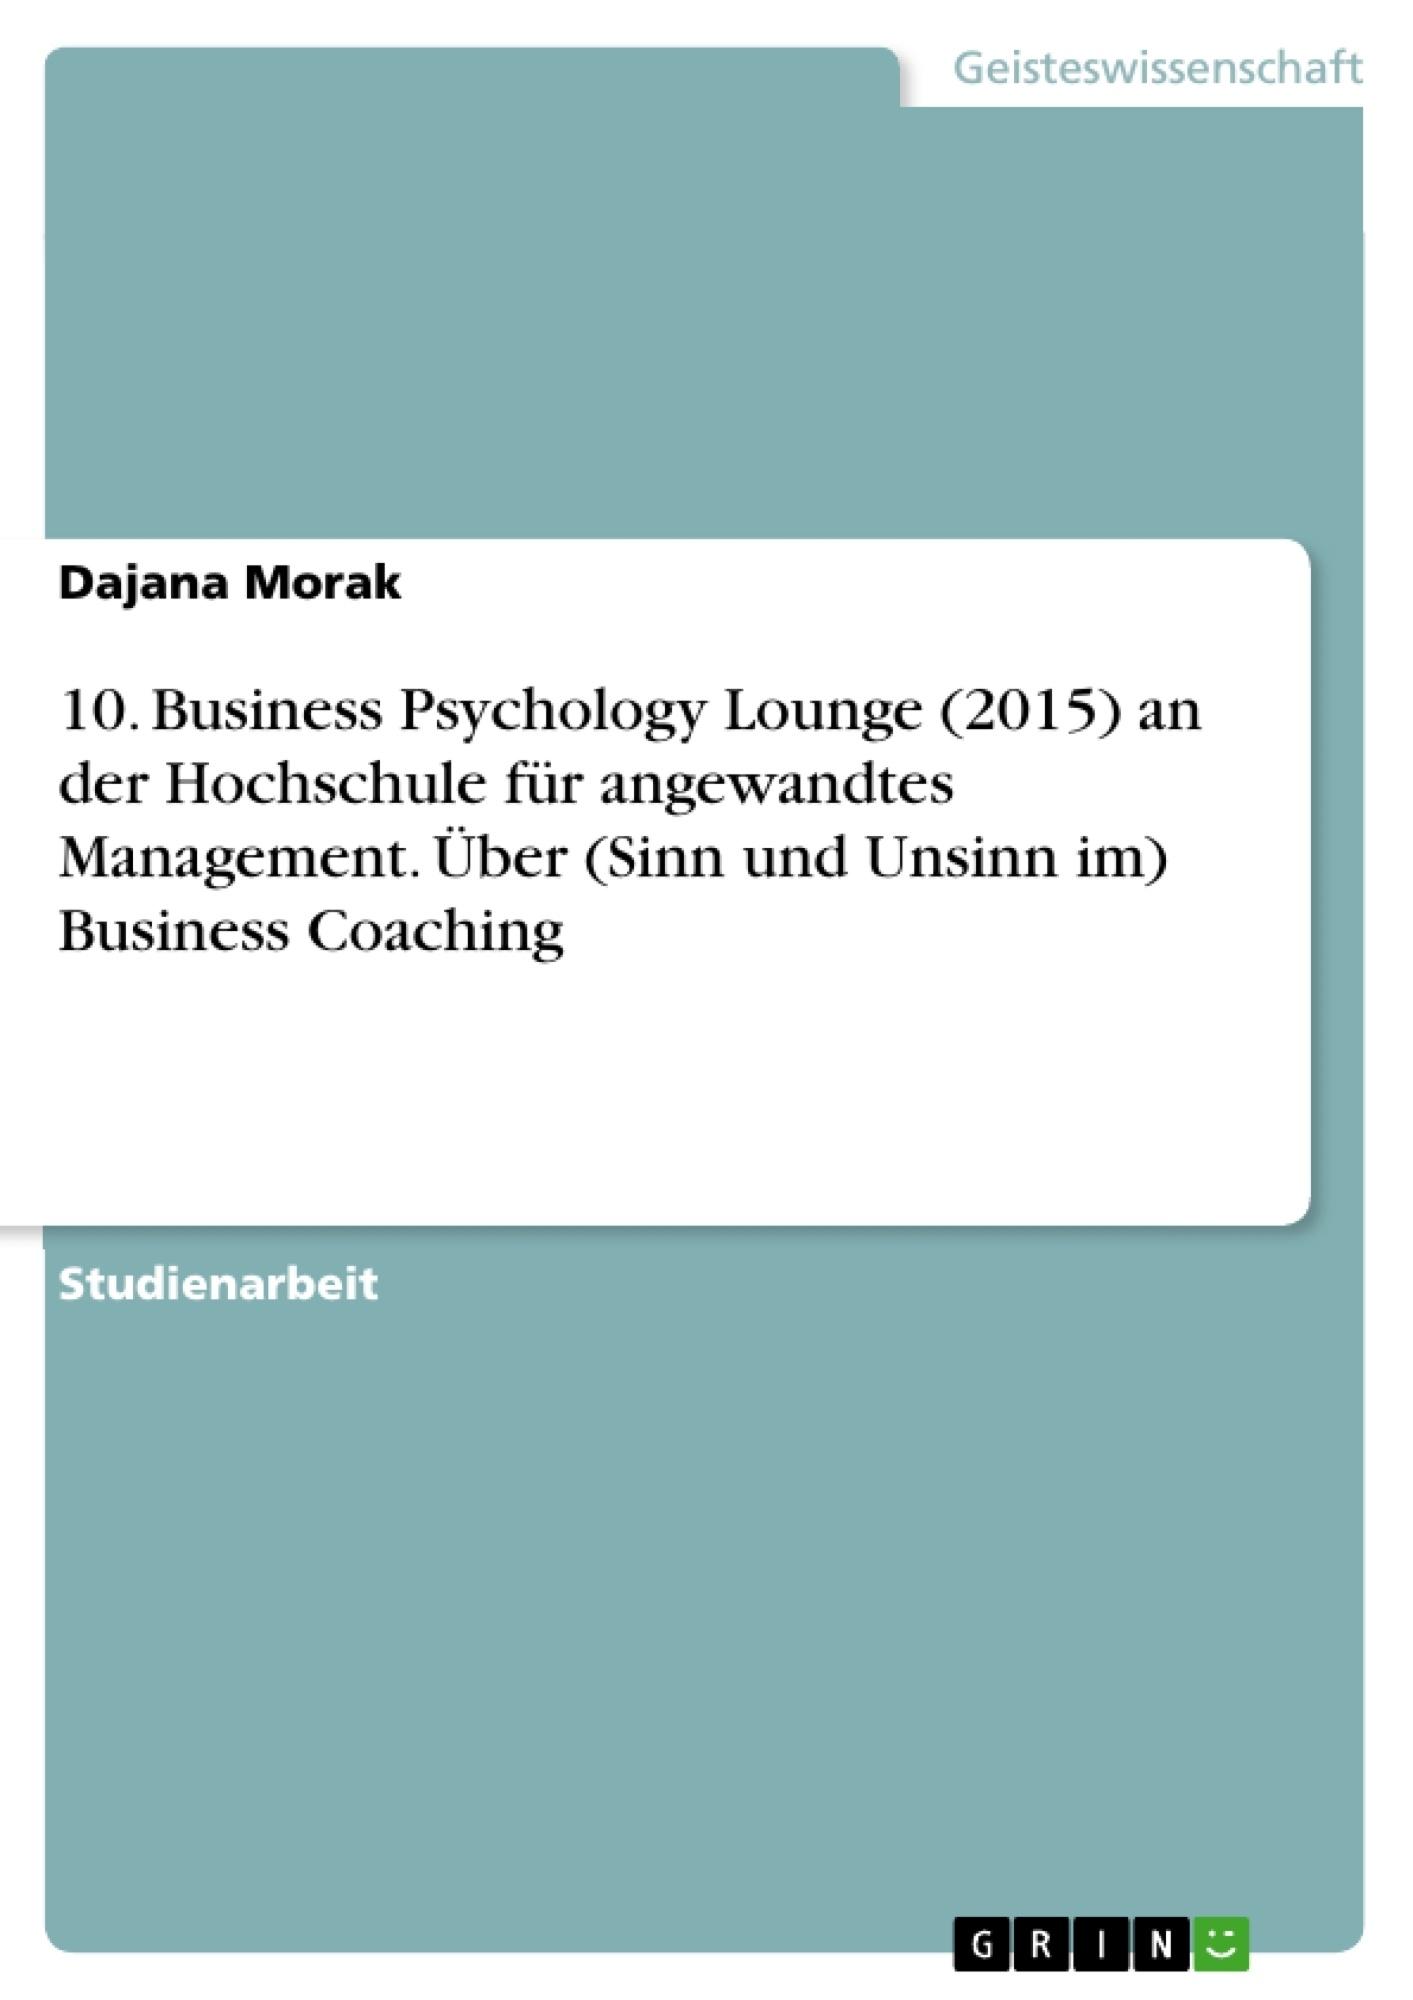 Titel: 10. Business Psychology Lounge (2015) an der Hochschule für angewandtes Management. Über (Sinn und Unsinn im) Business Coaching